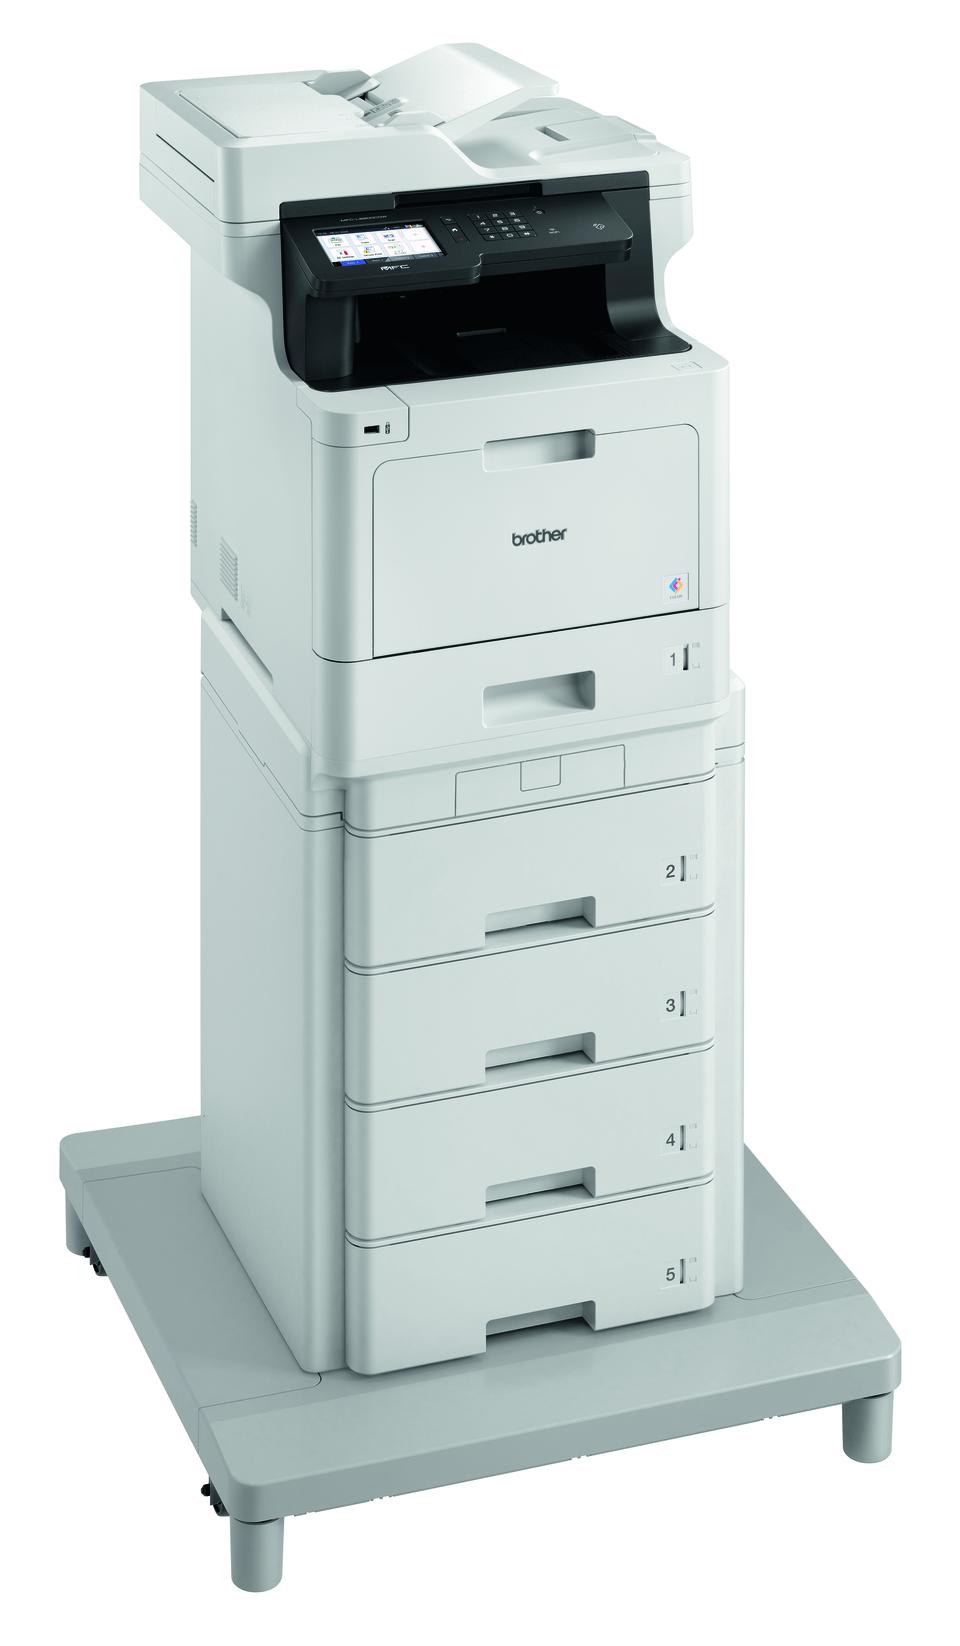 Brother MFC-L8900CDWMT er en professionel alt-i-én laserprinter med dobbeltsidet print og trådløst netkort. 3